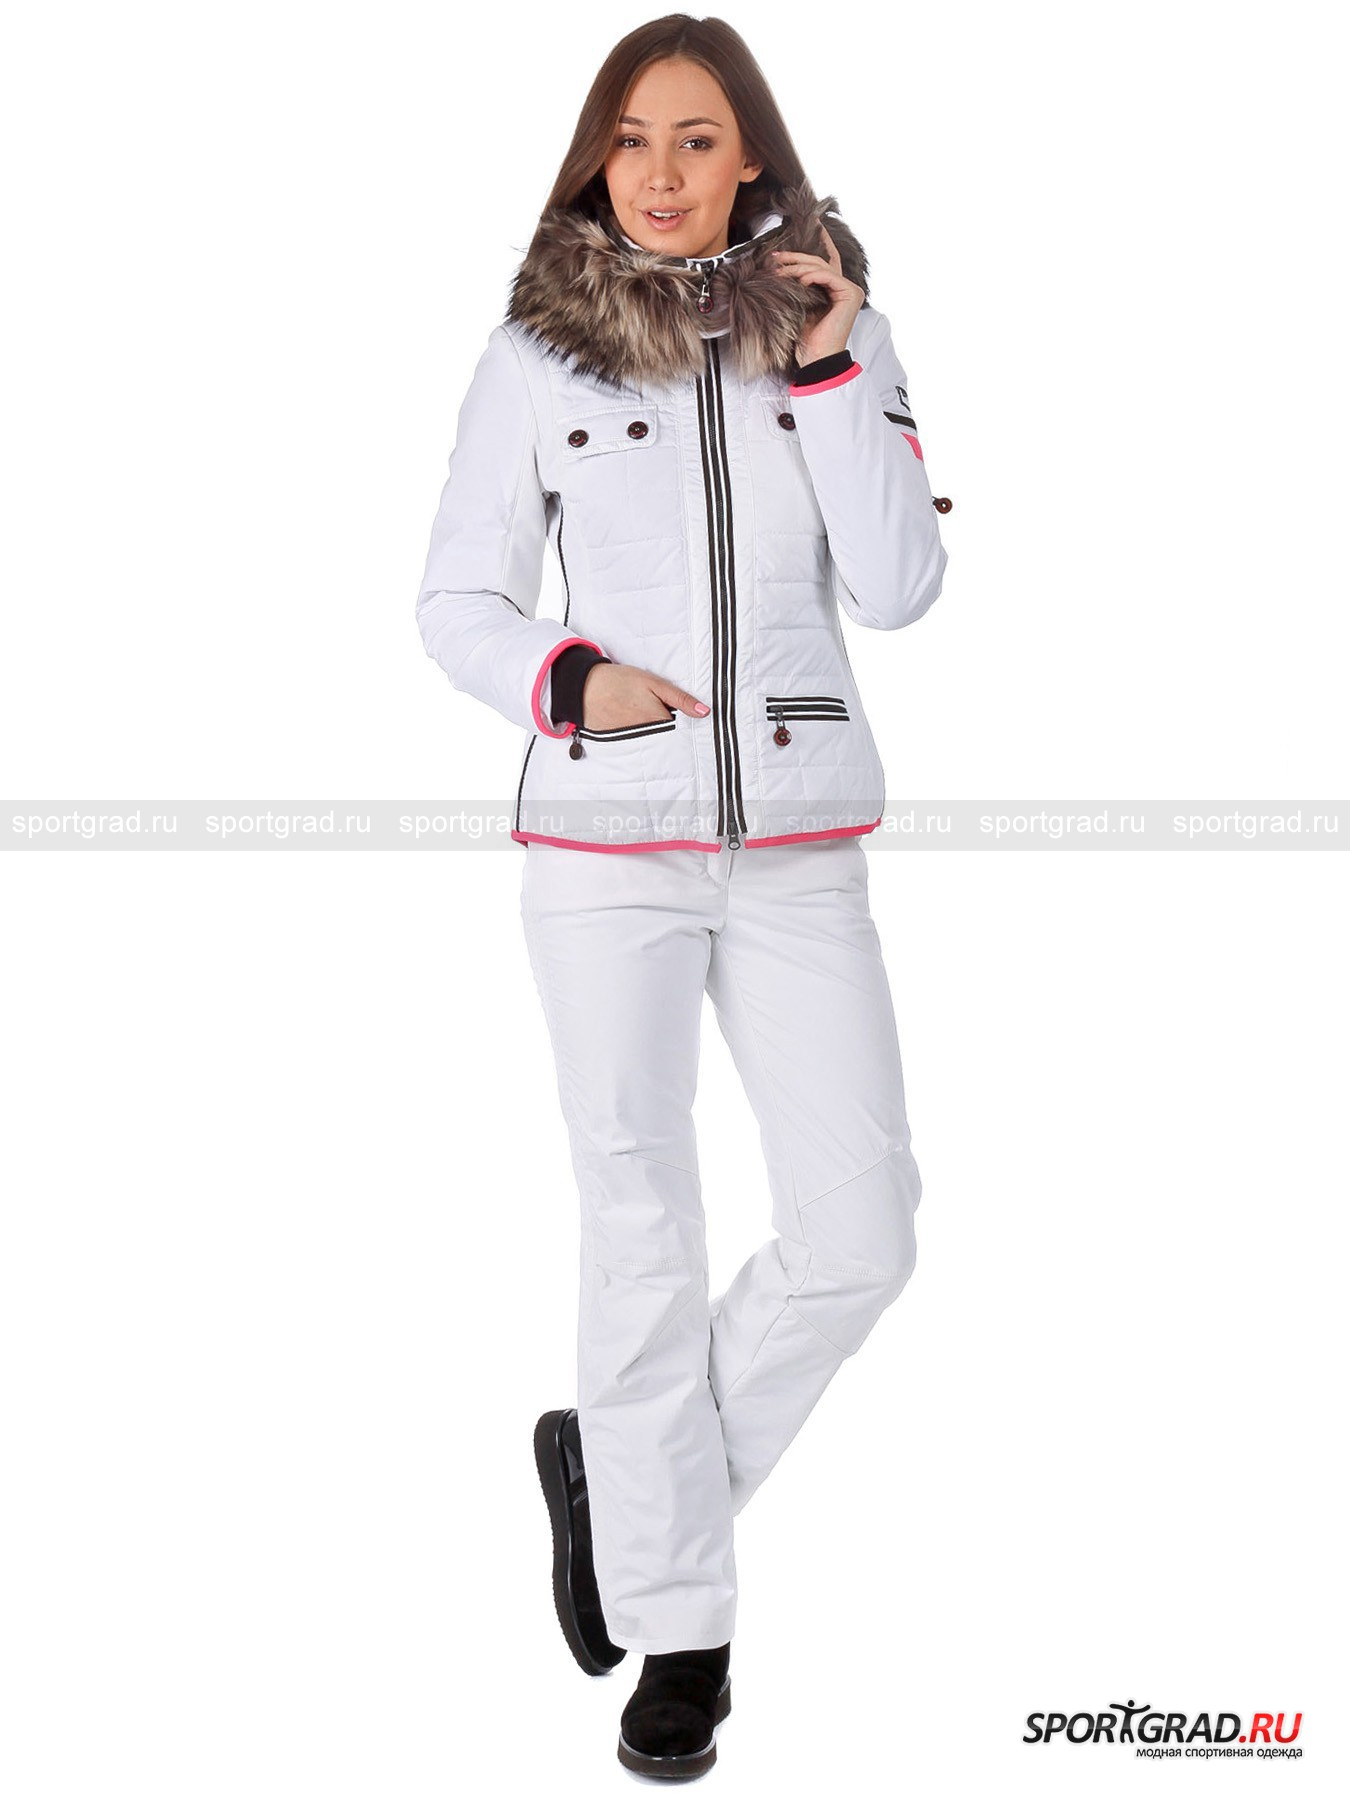 Горнолыжные костюмы женские bogner с доставкой